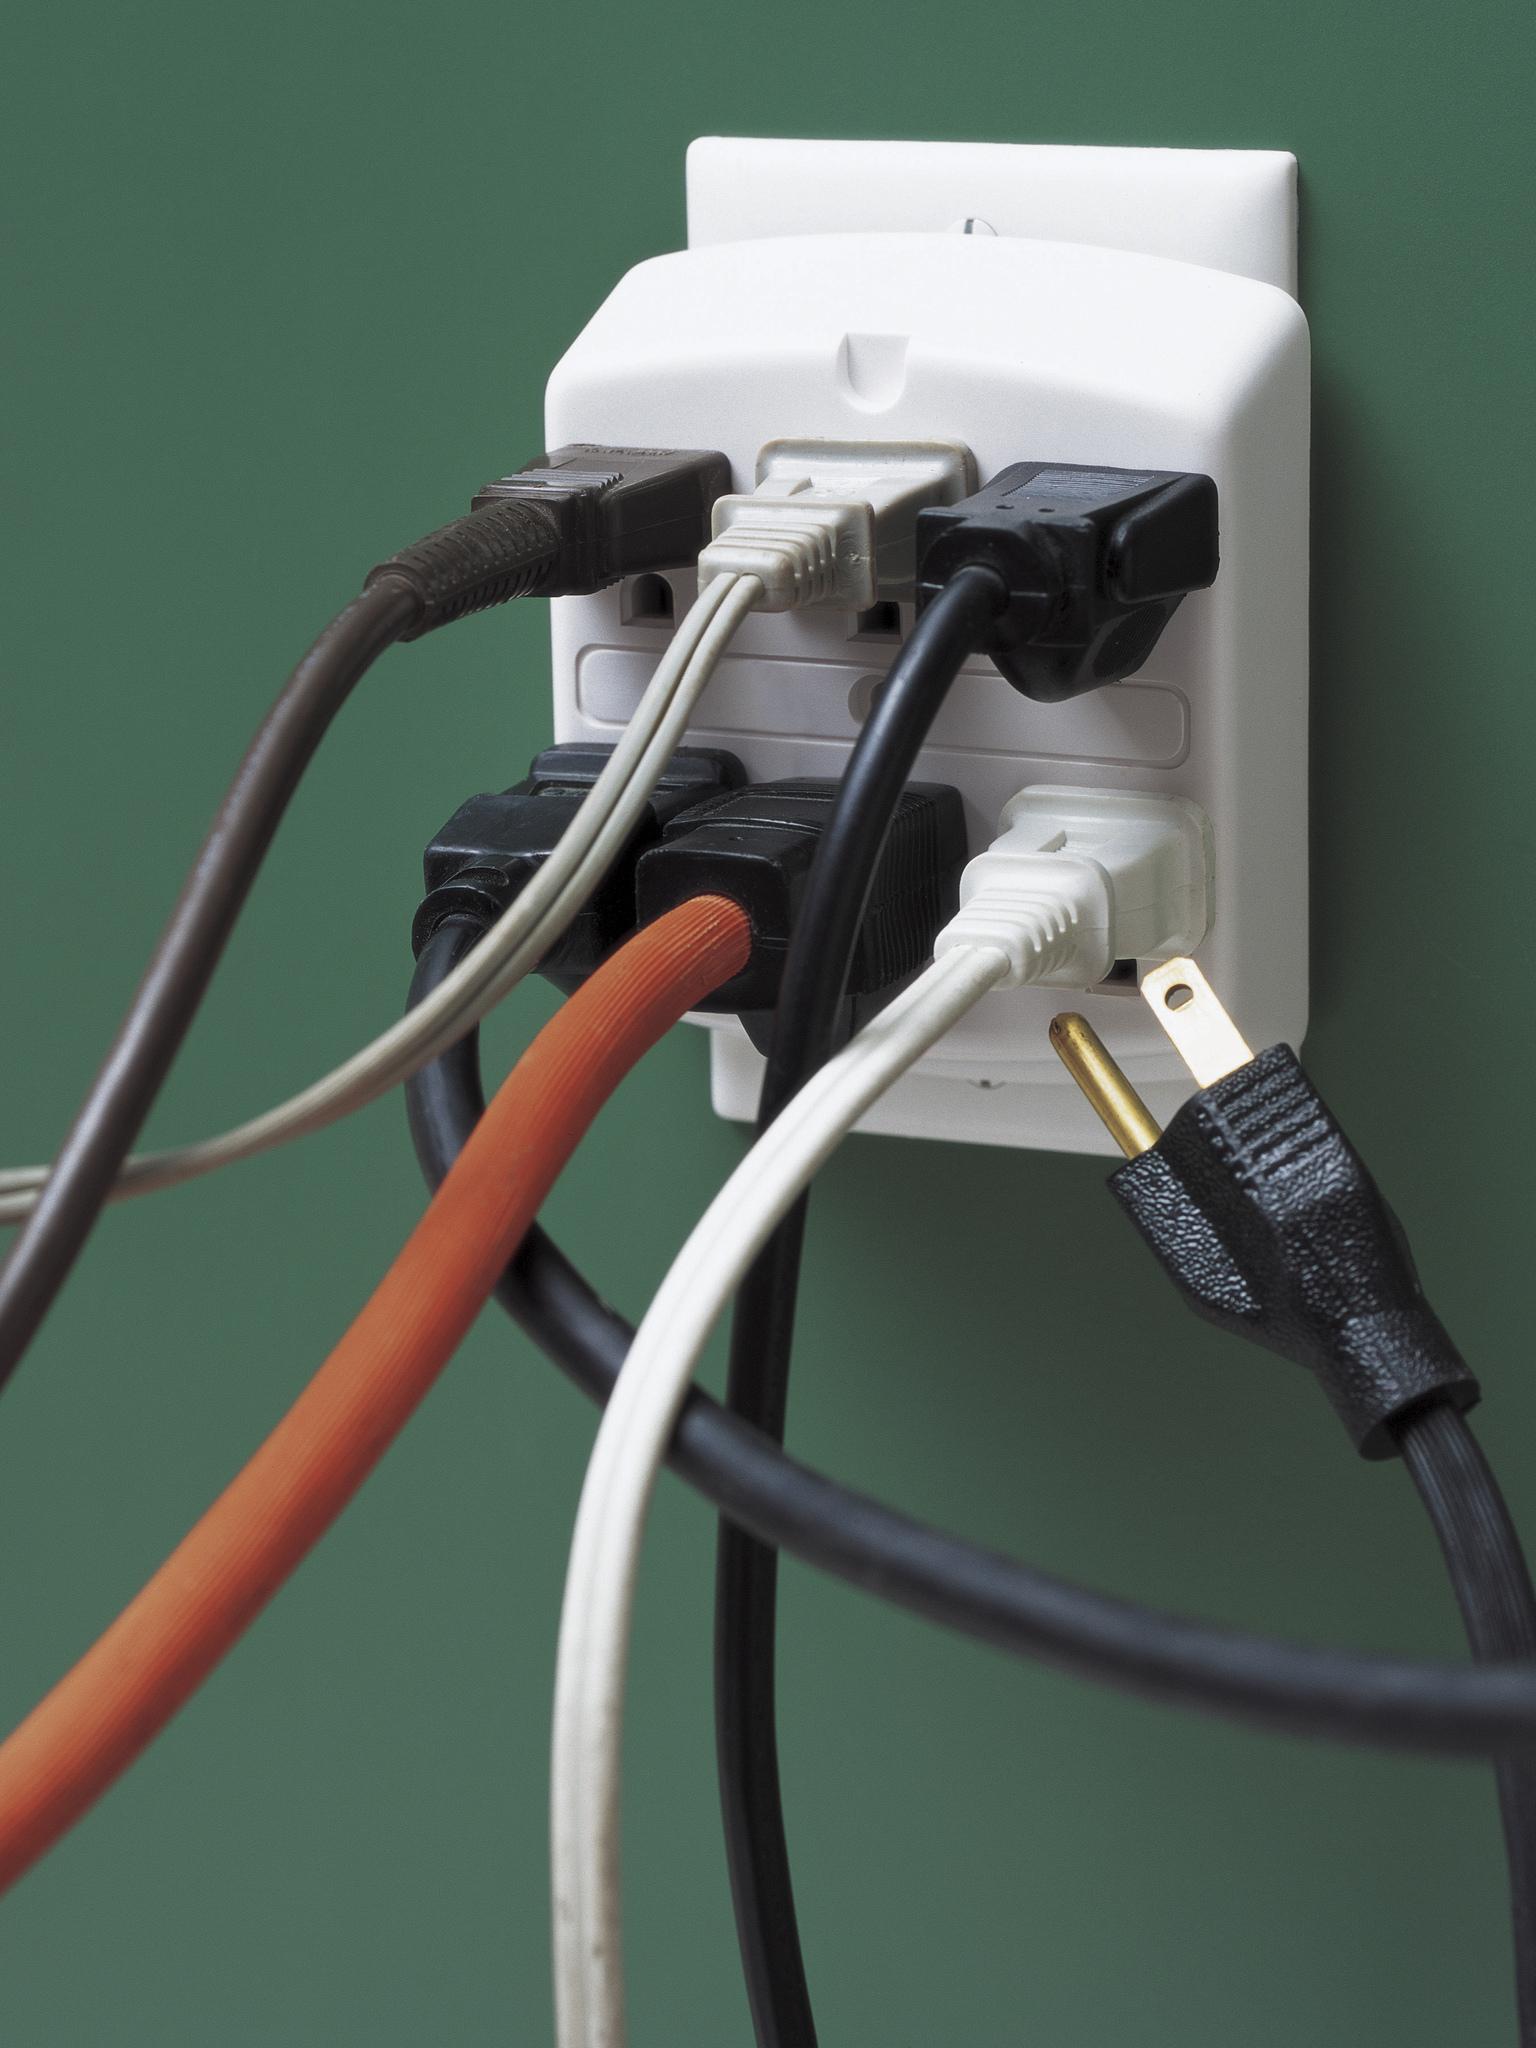 Podemos confiar en la electrónica de consumo